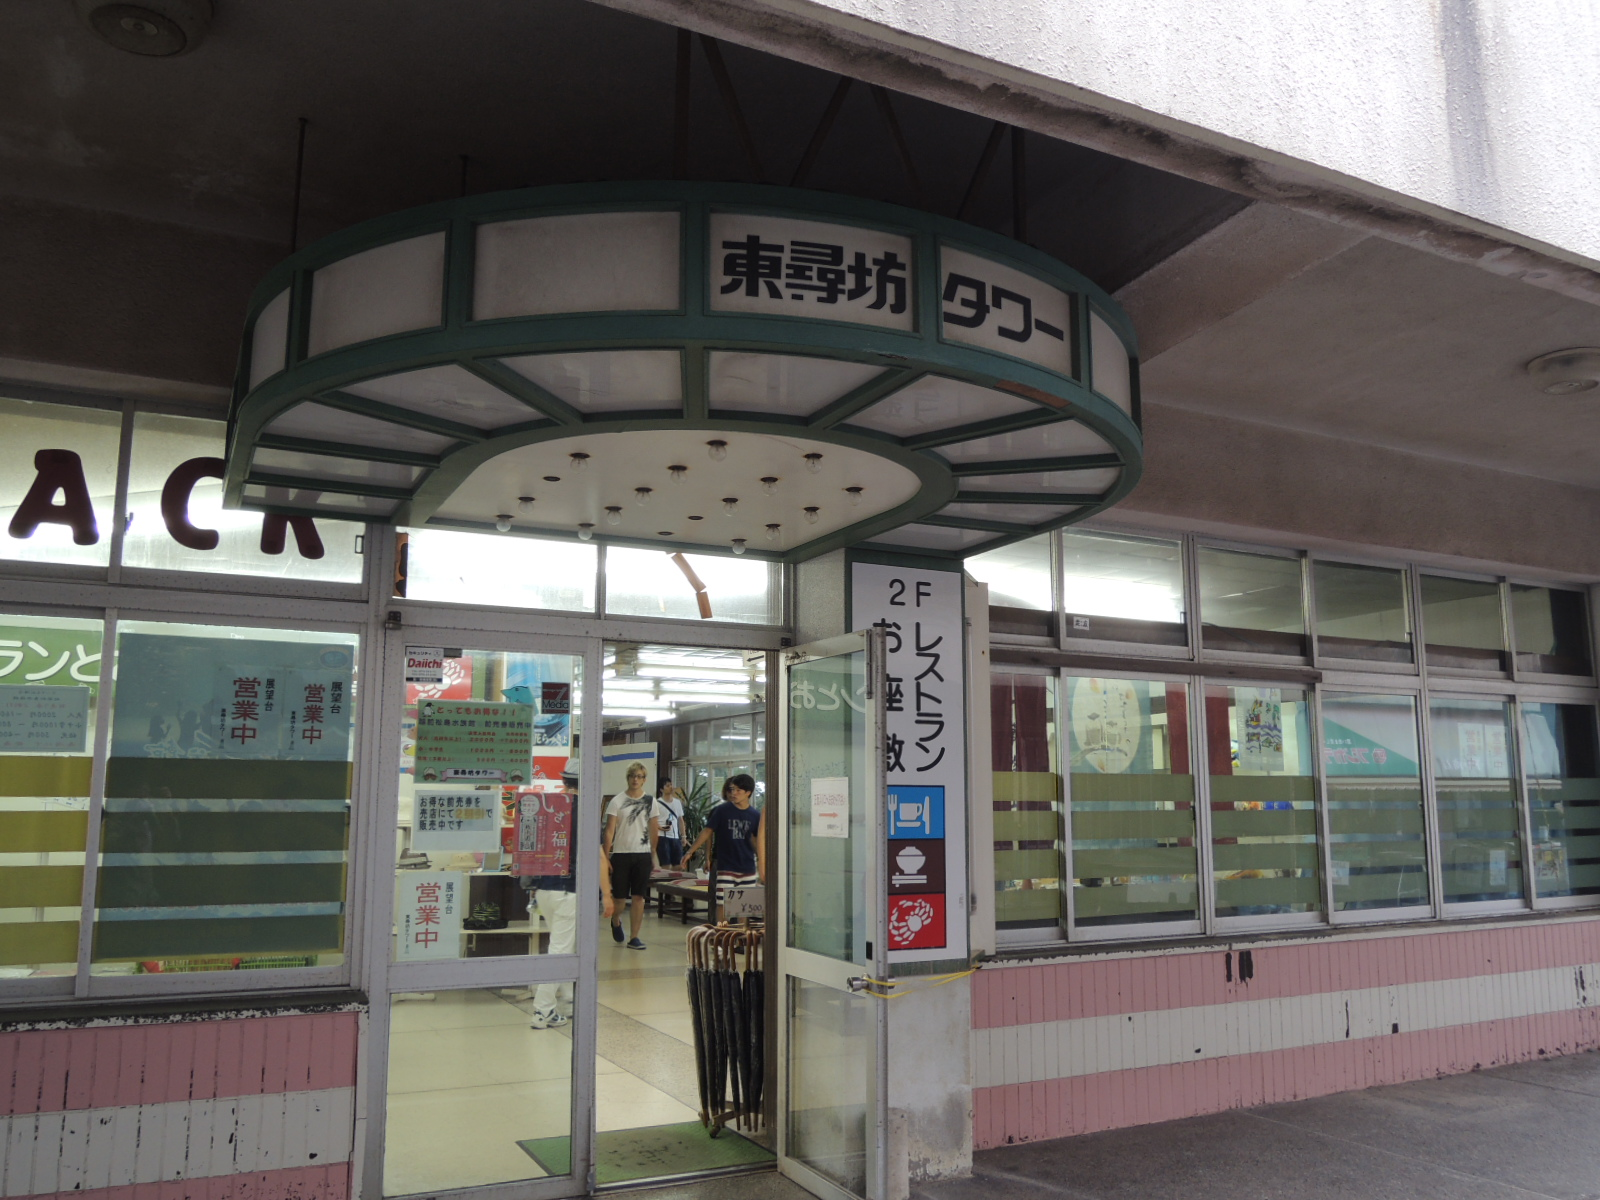 DSCN1759.JPG